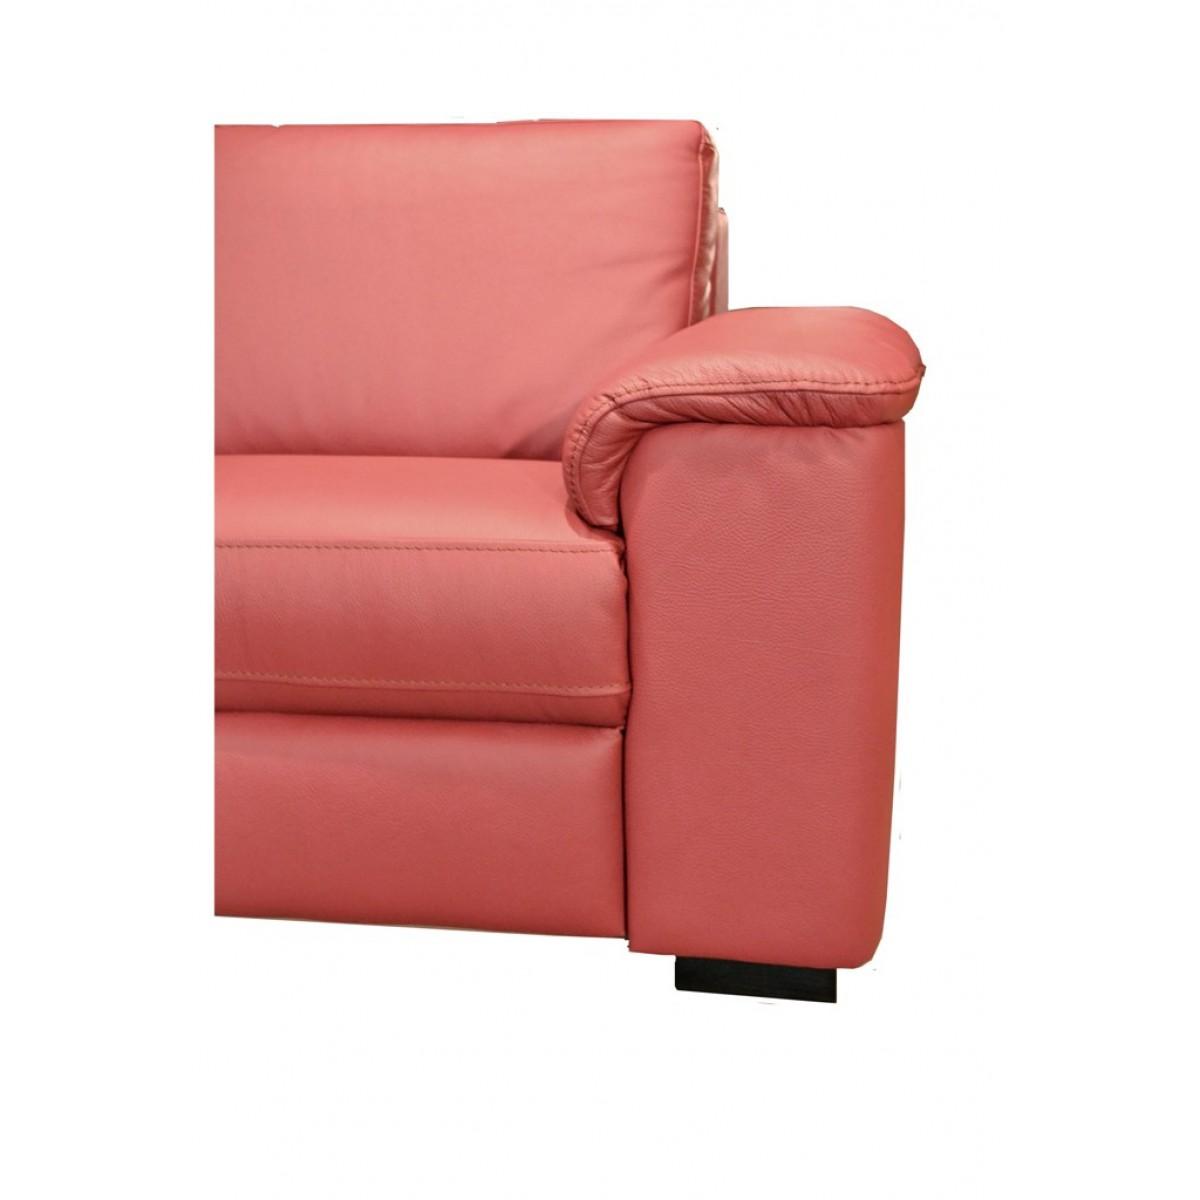 1981-relax-hoekbank-leer-hjort-knudsen-electrische-relaxen-soleda-toledo-red-44-arm.